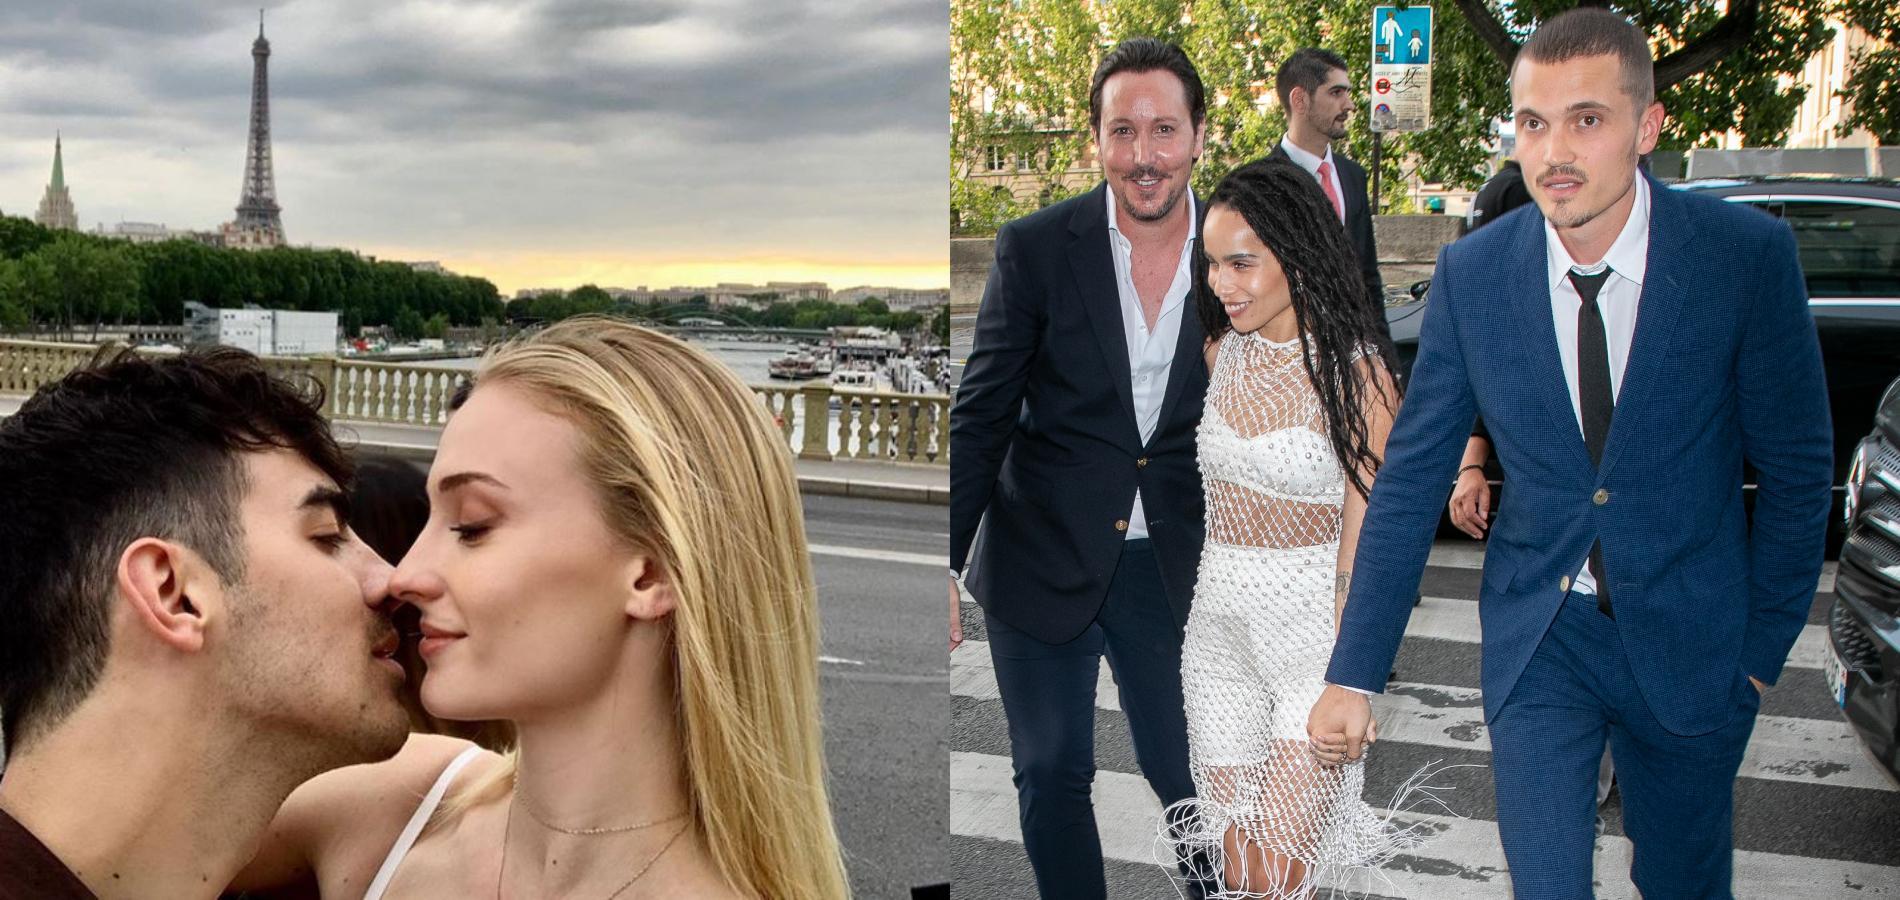 Mariages hollywoodiens en France  le match des cérémonies de Zoë Kravitz  et Sophie Turner